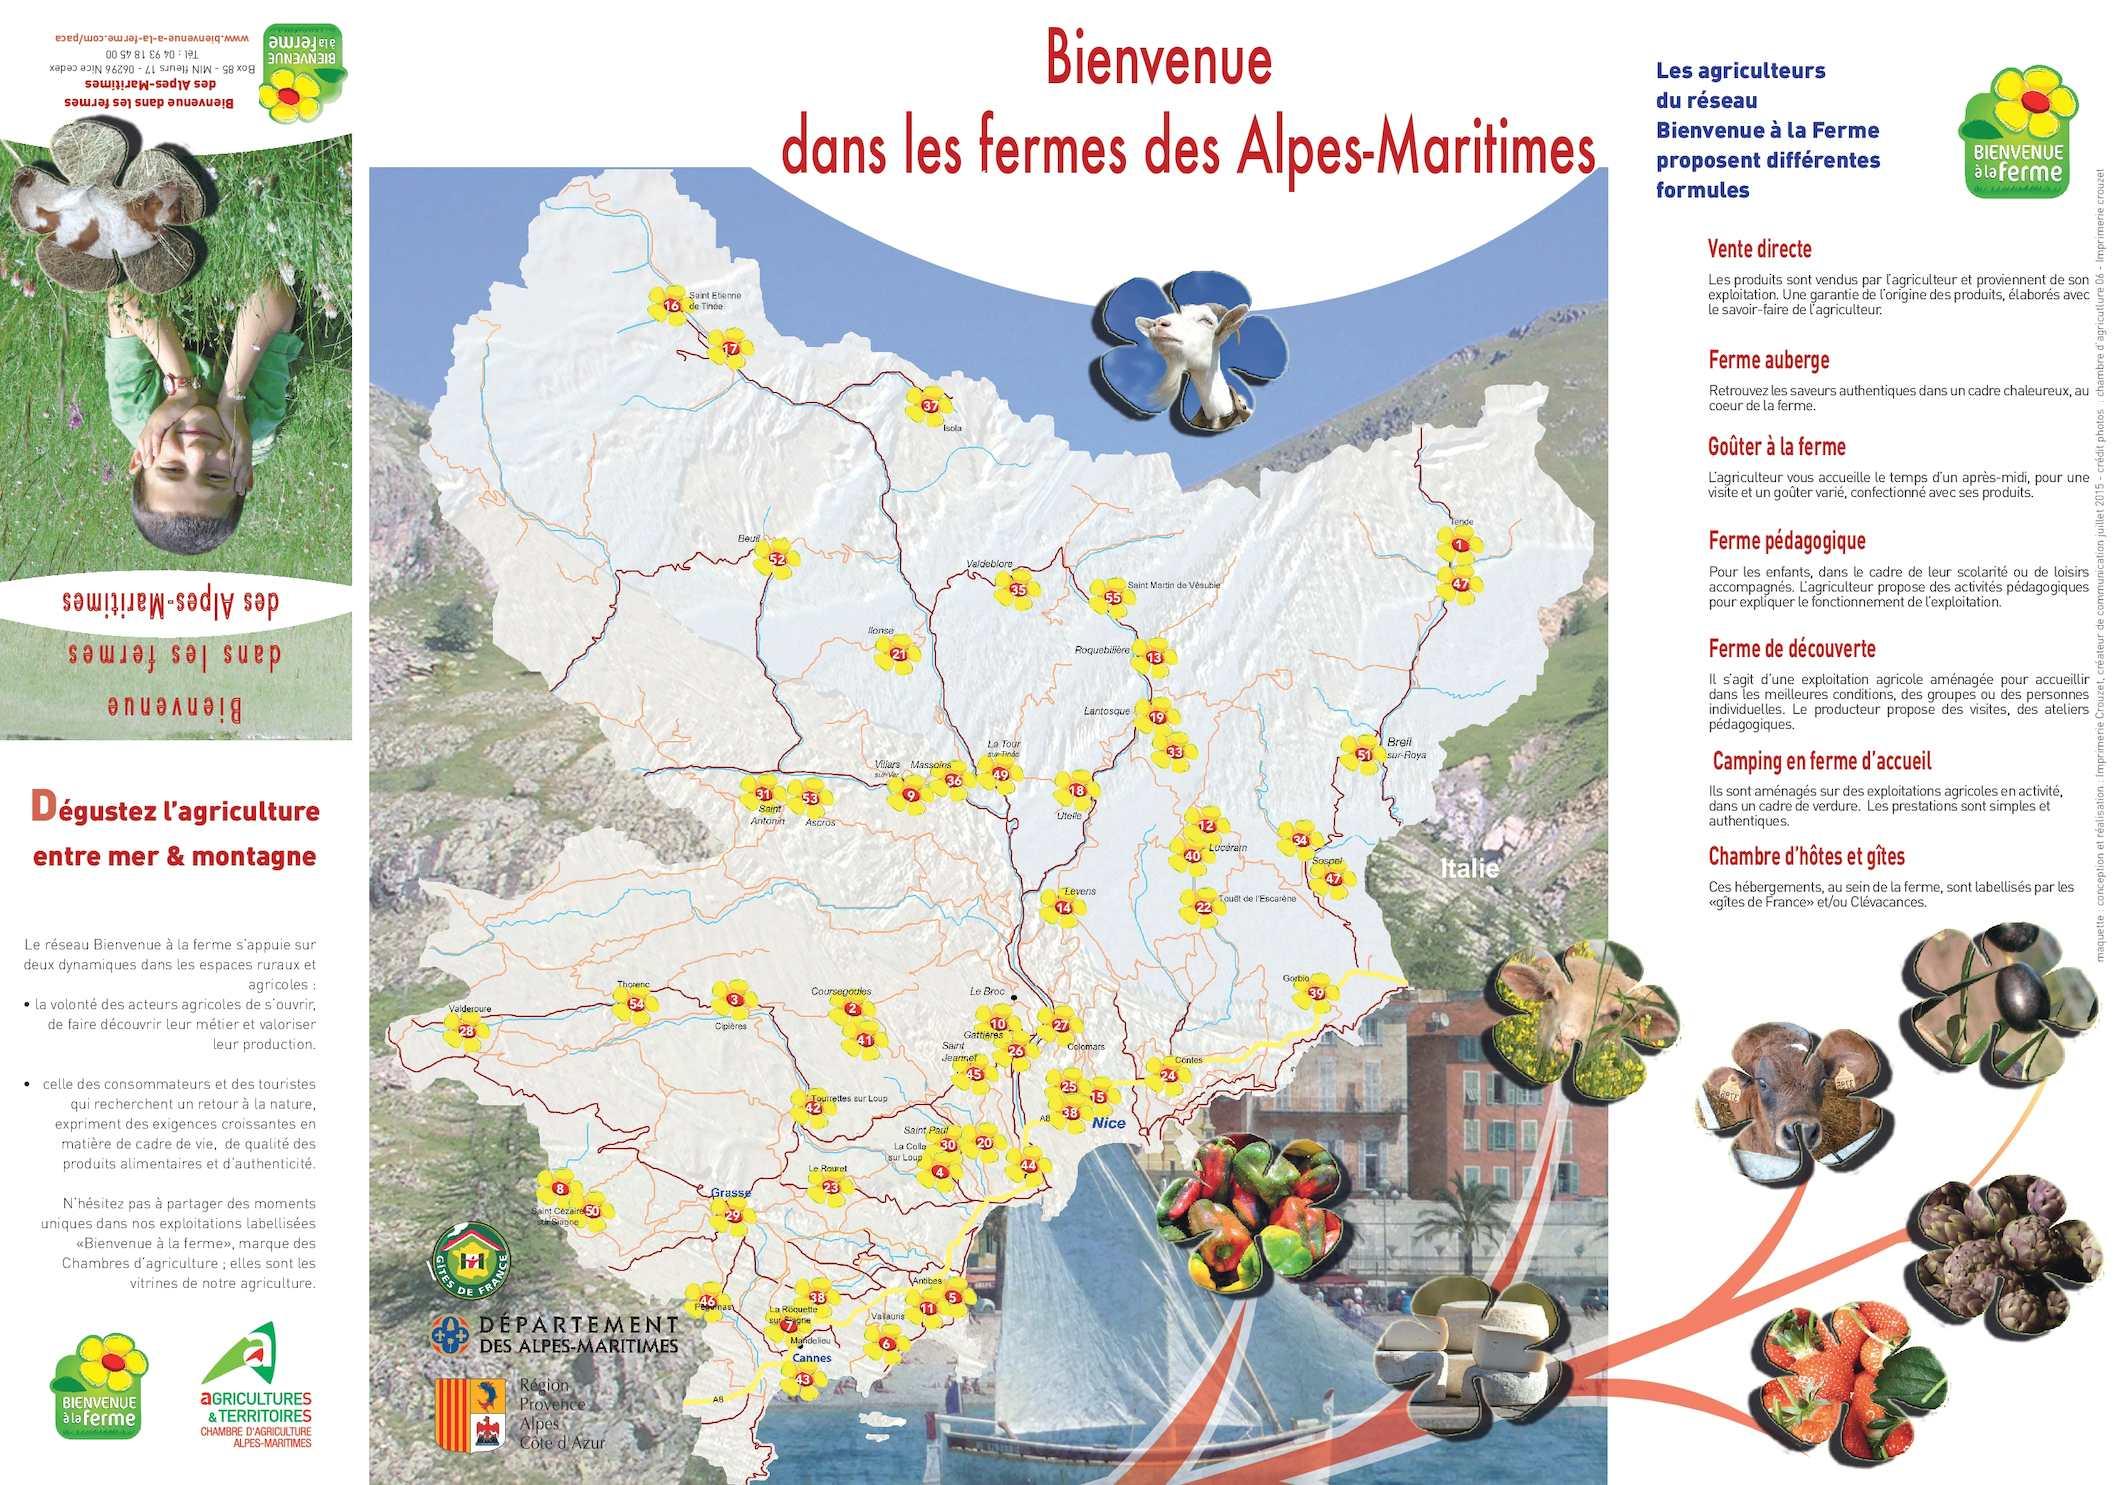 Calaméo 2015 Guide Bienvenue  la Ferme Alpes Maritimes